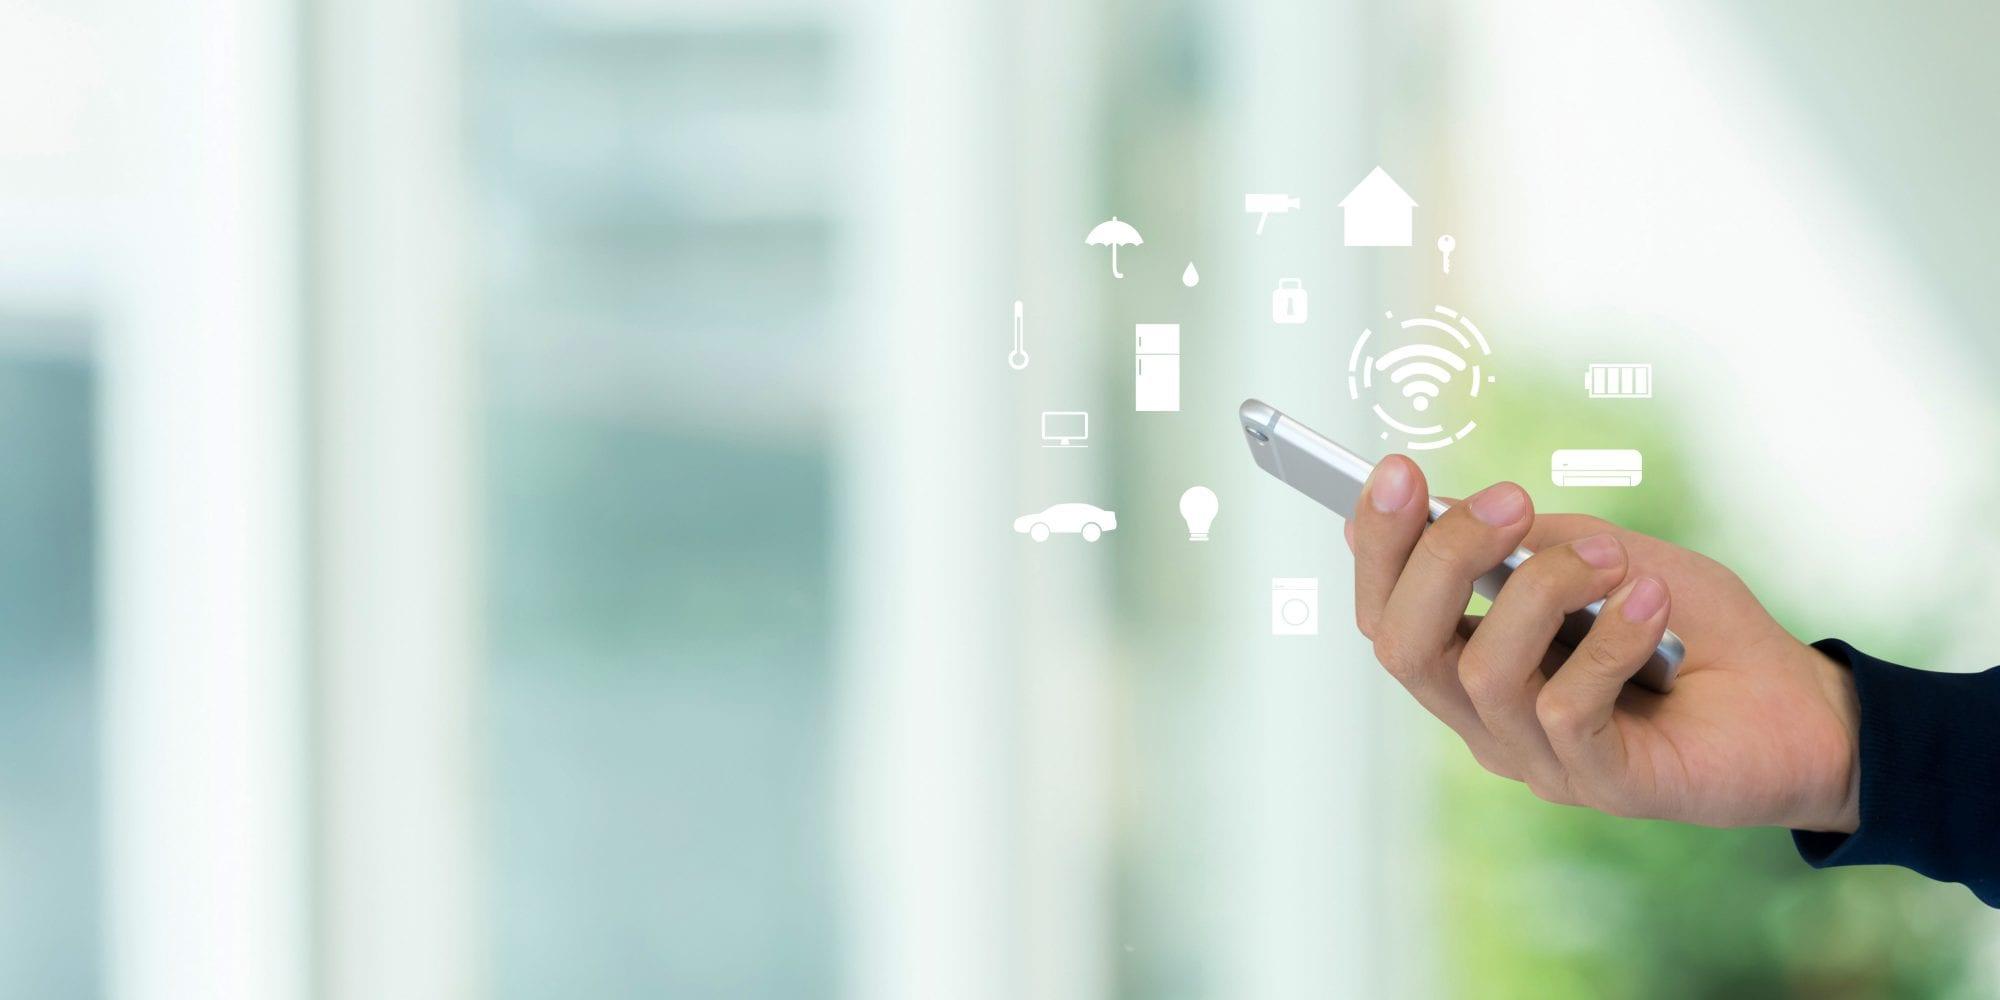 4G SMS Alarm or MQTT